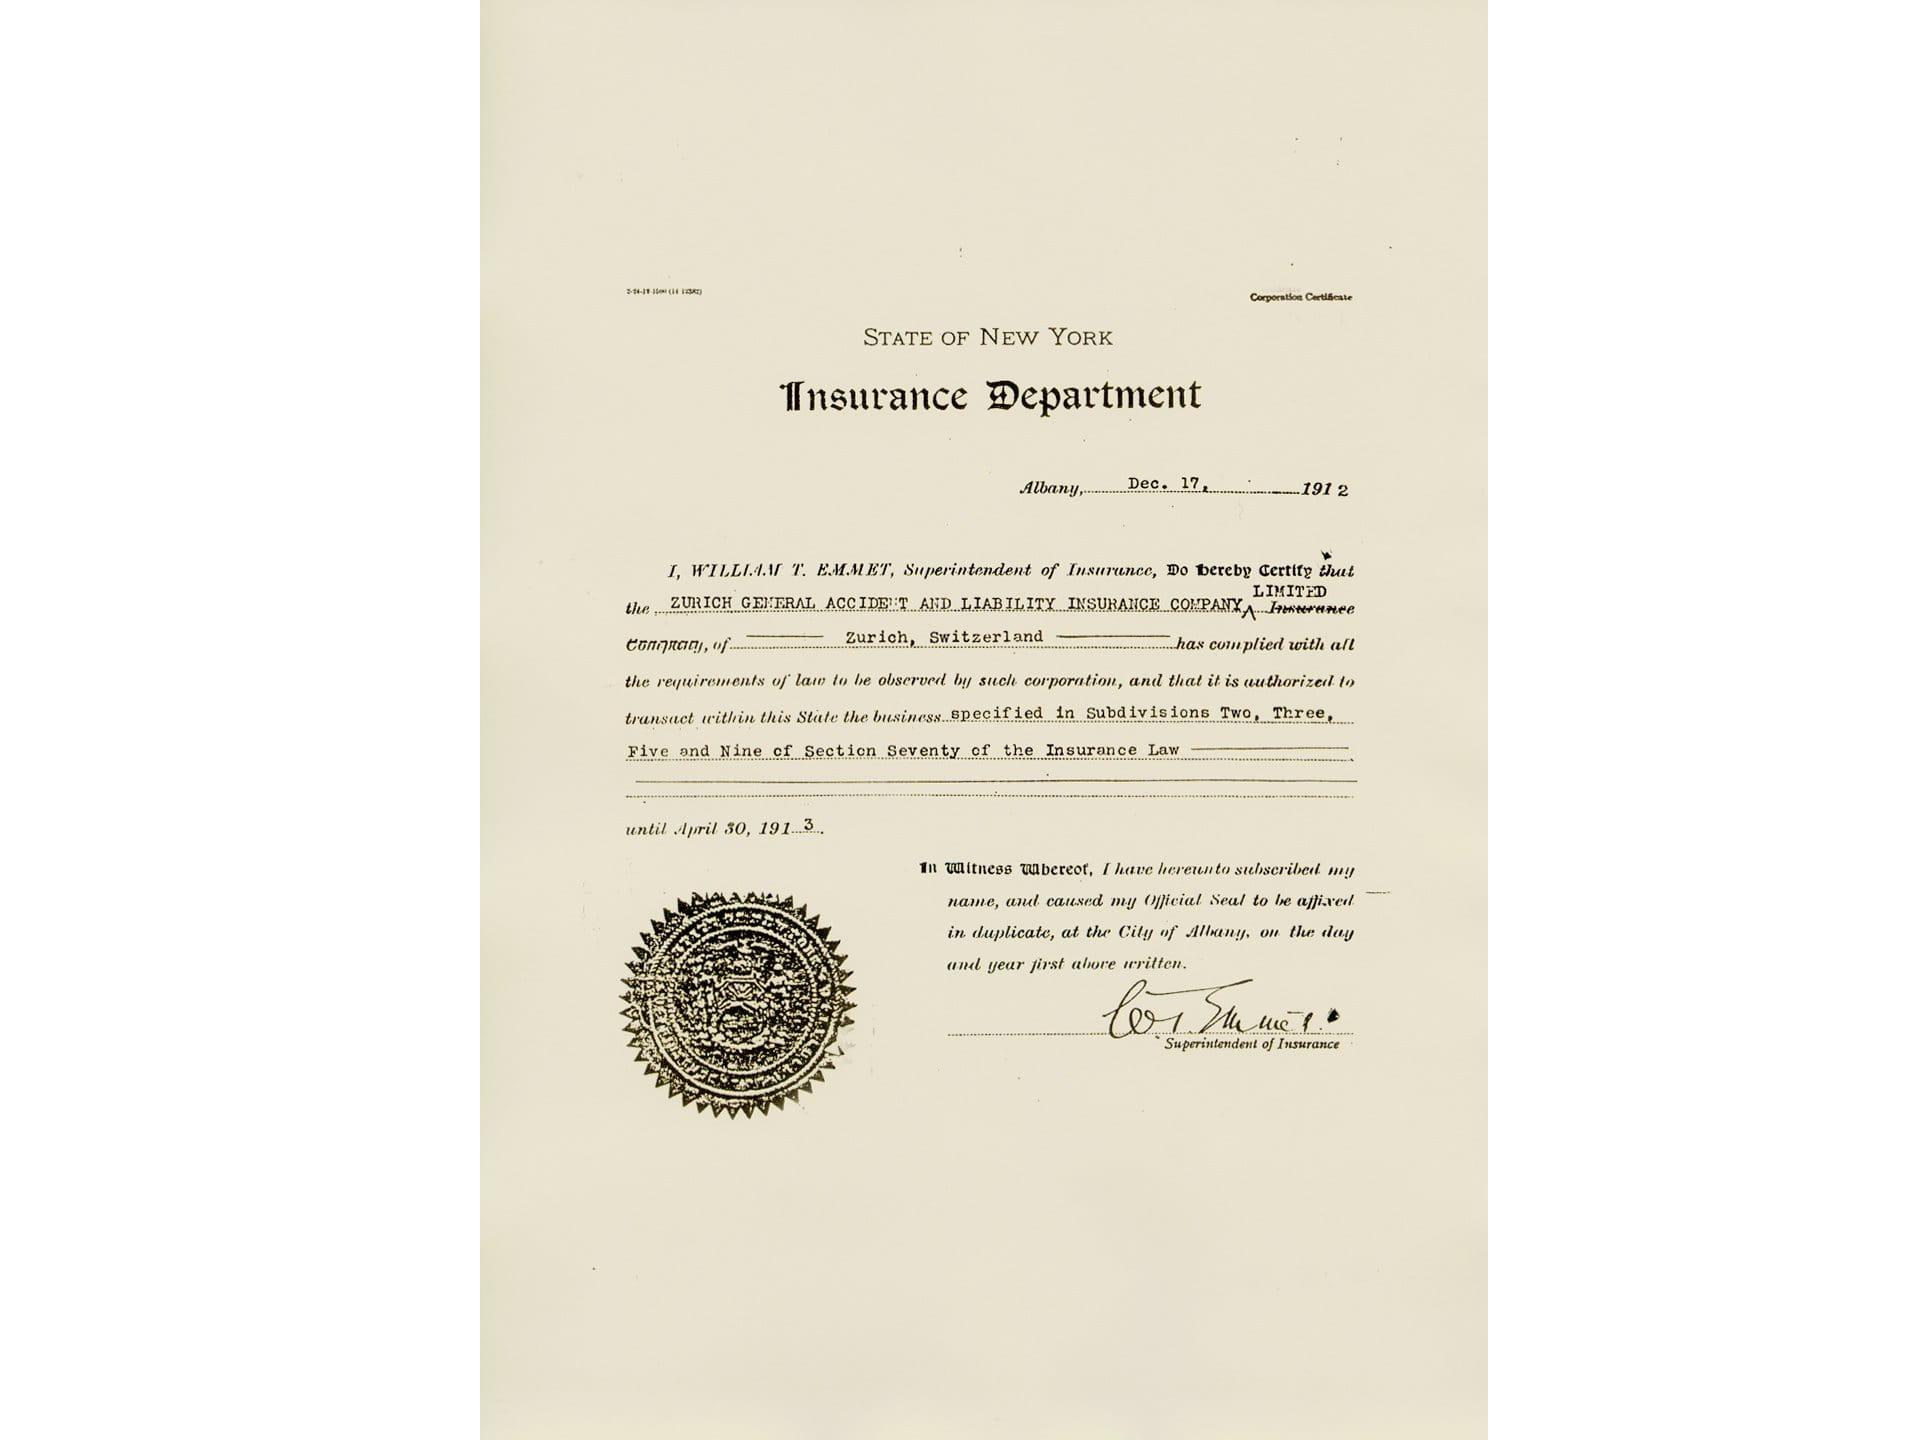 1912: Ingresso nel mercato statunitense